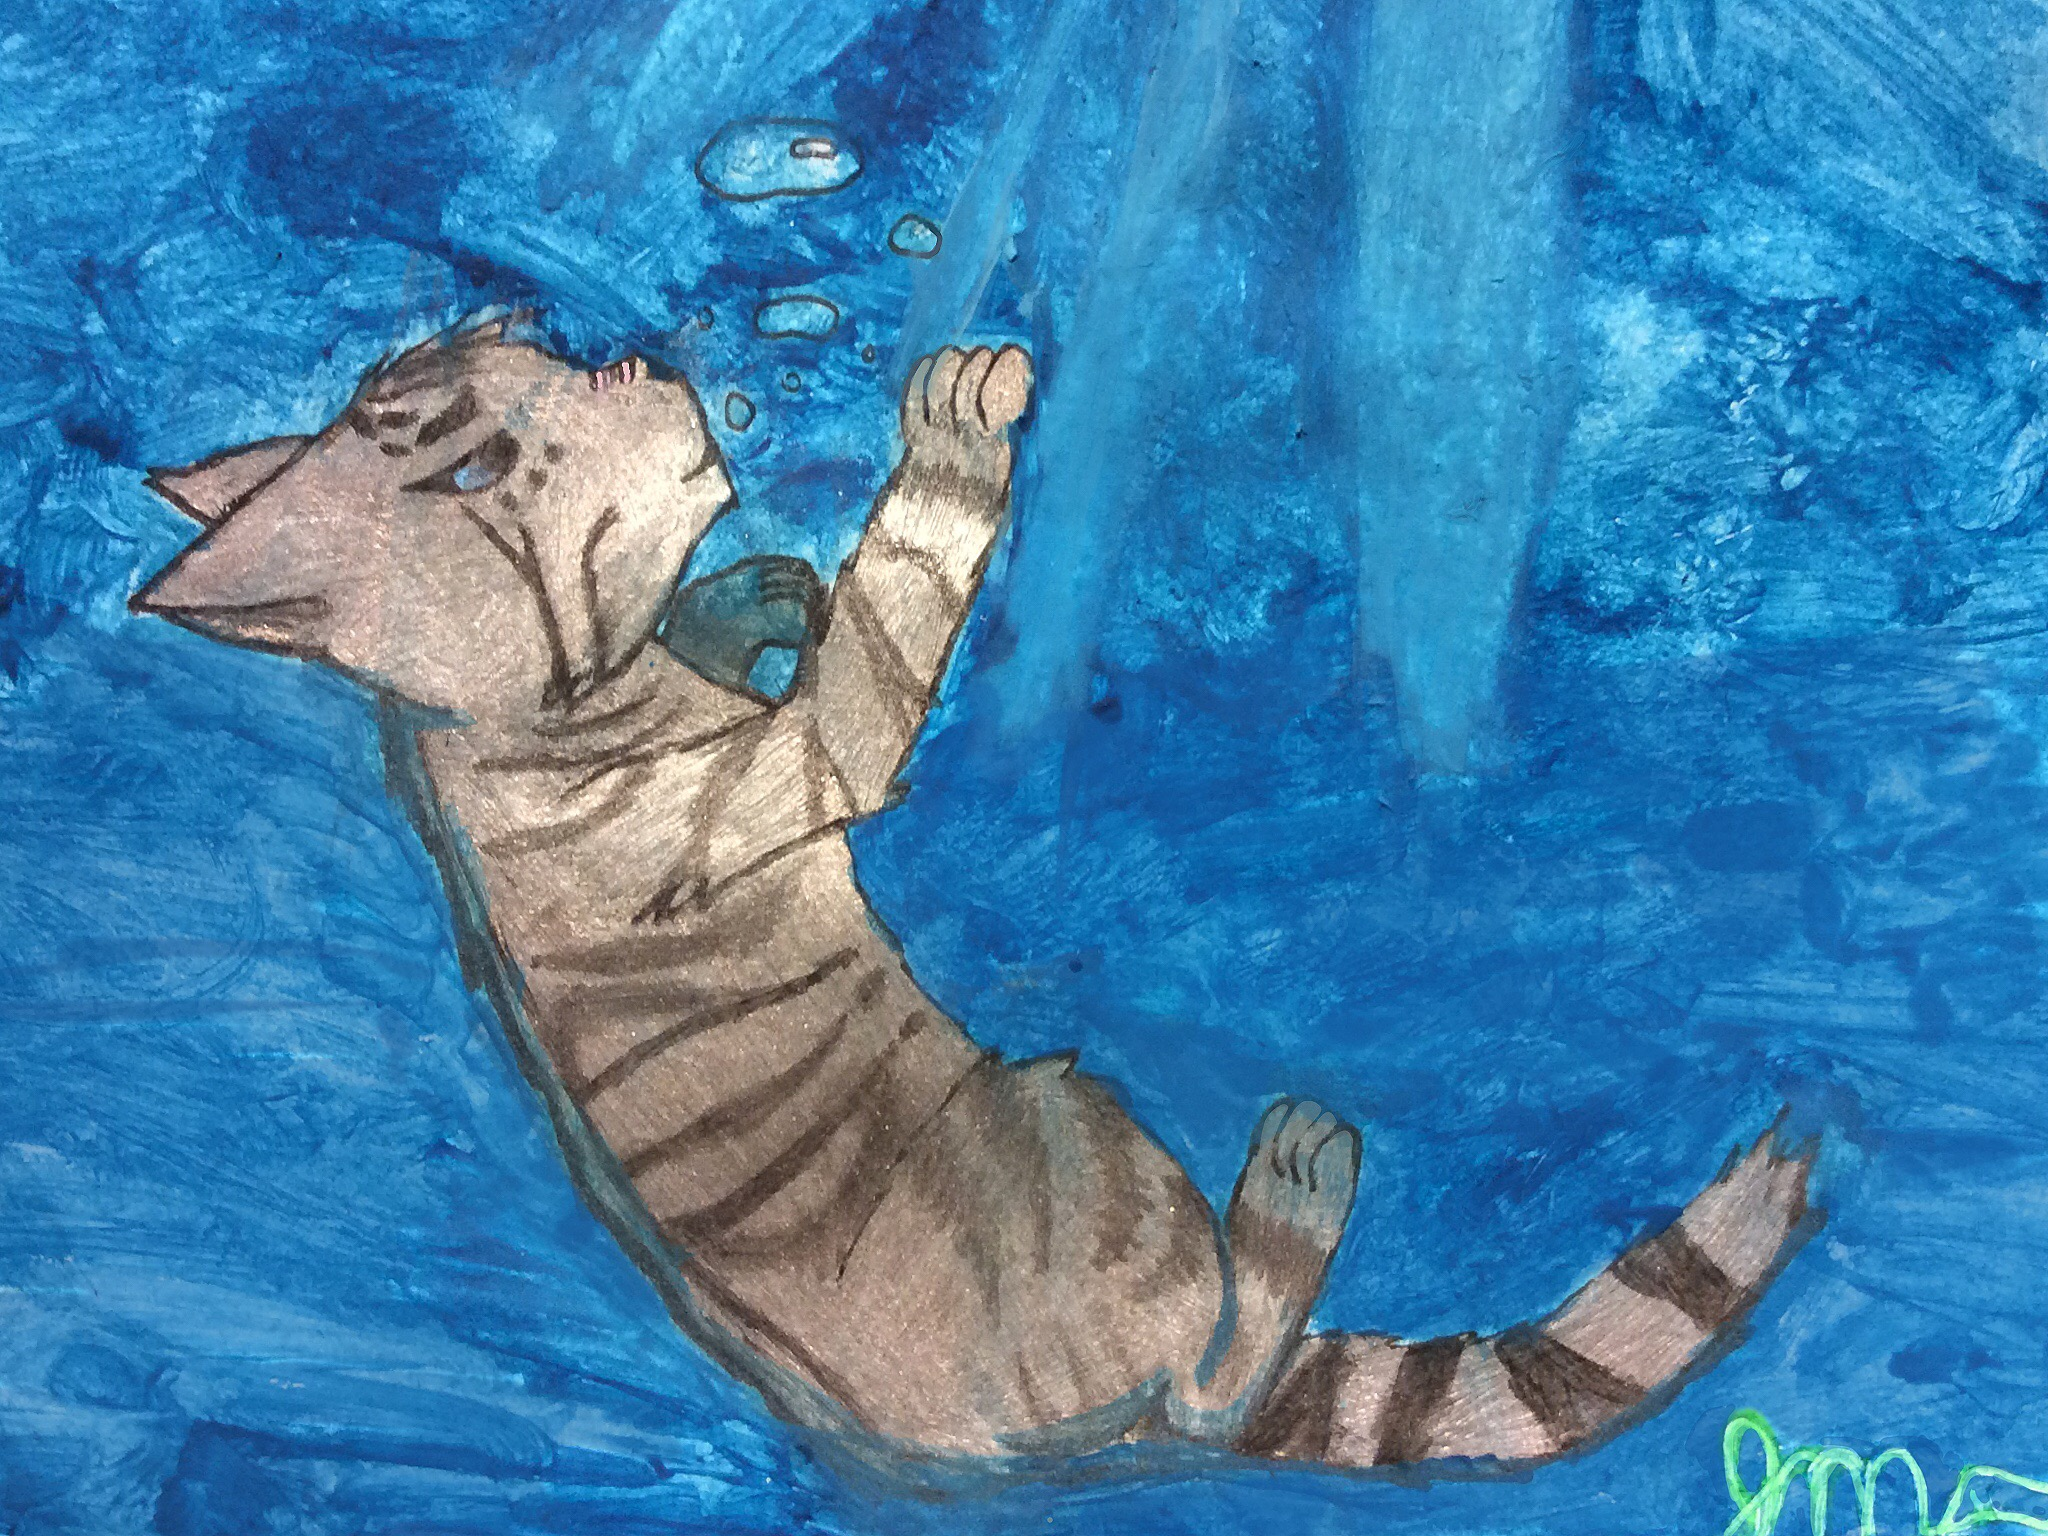 #4 Underwater